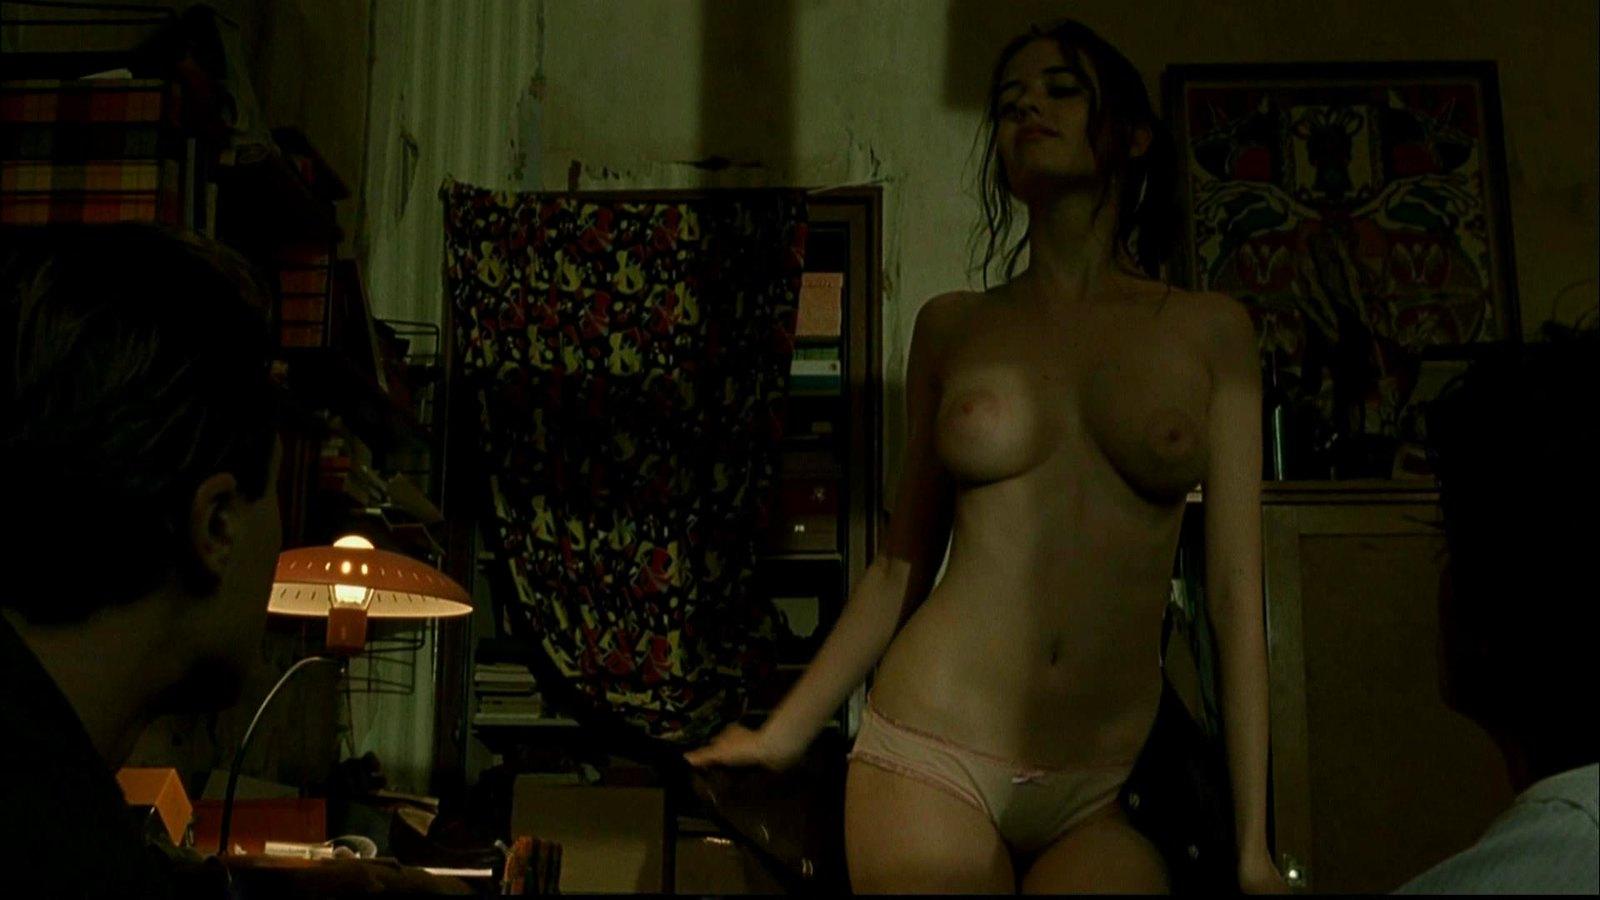 Смотреть фрагменты грудью в худ фильмах